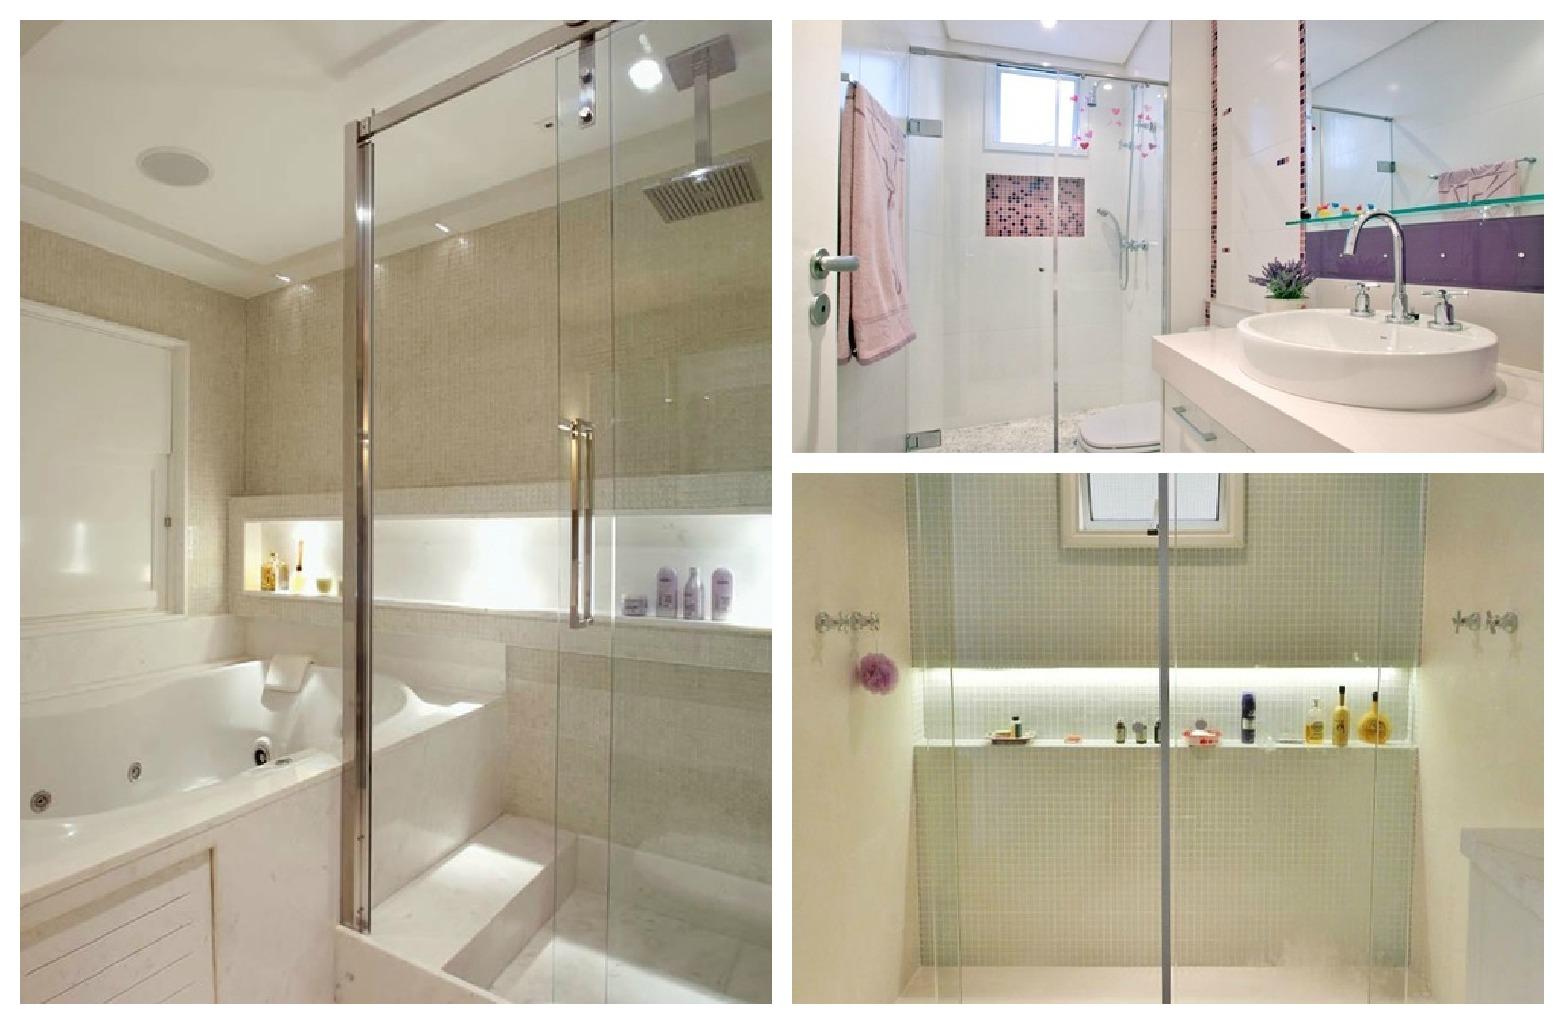 10 de dezembro de 2012 at 1564 × 1024 in Nichos no Box do Banheiro #766649 1564x1024 Banheiro Container Luxo